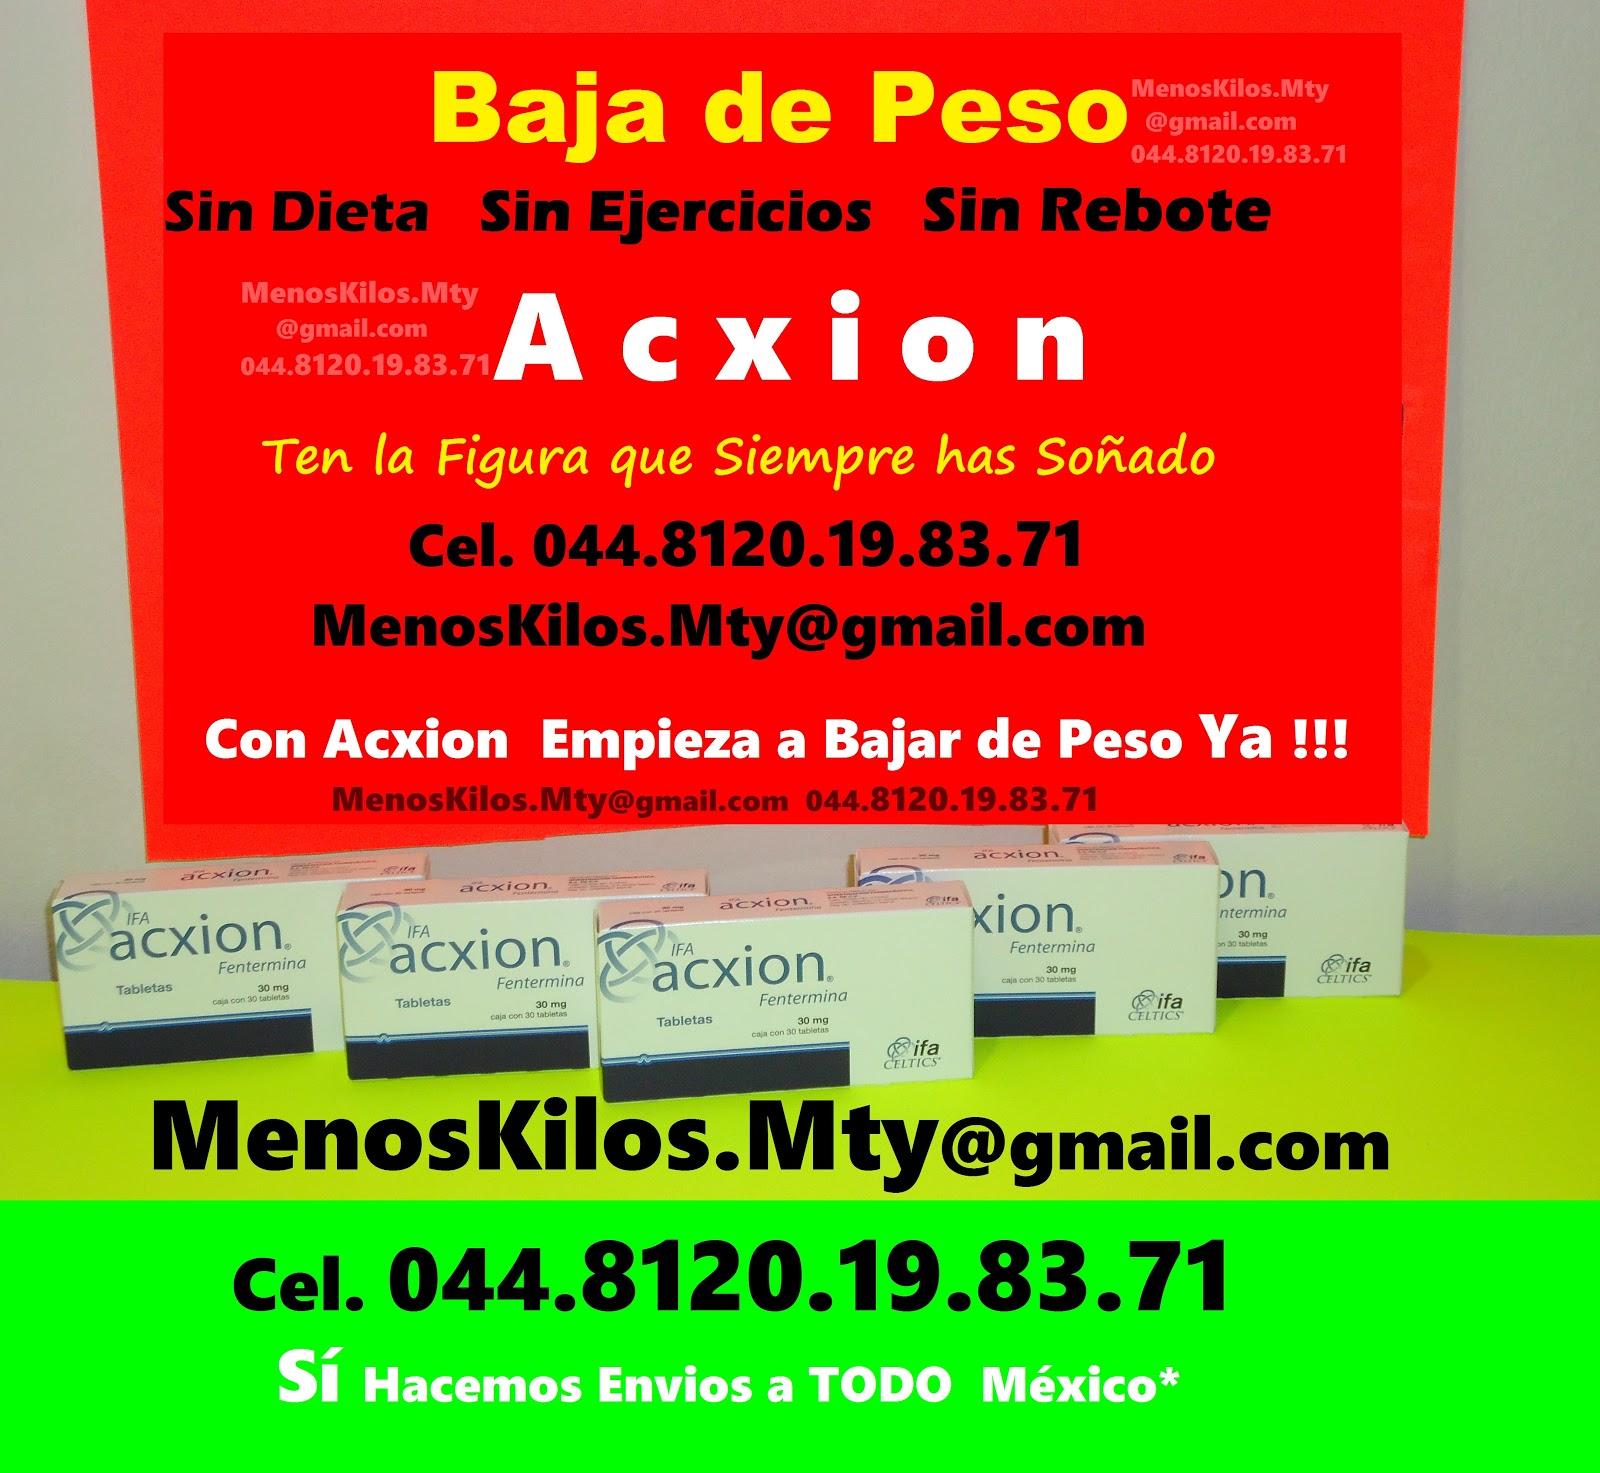 Nutravitplus: Con Acxion Empieza a Bajar de Peso Ya!!!